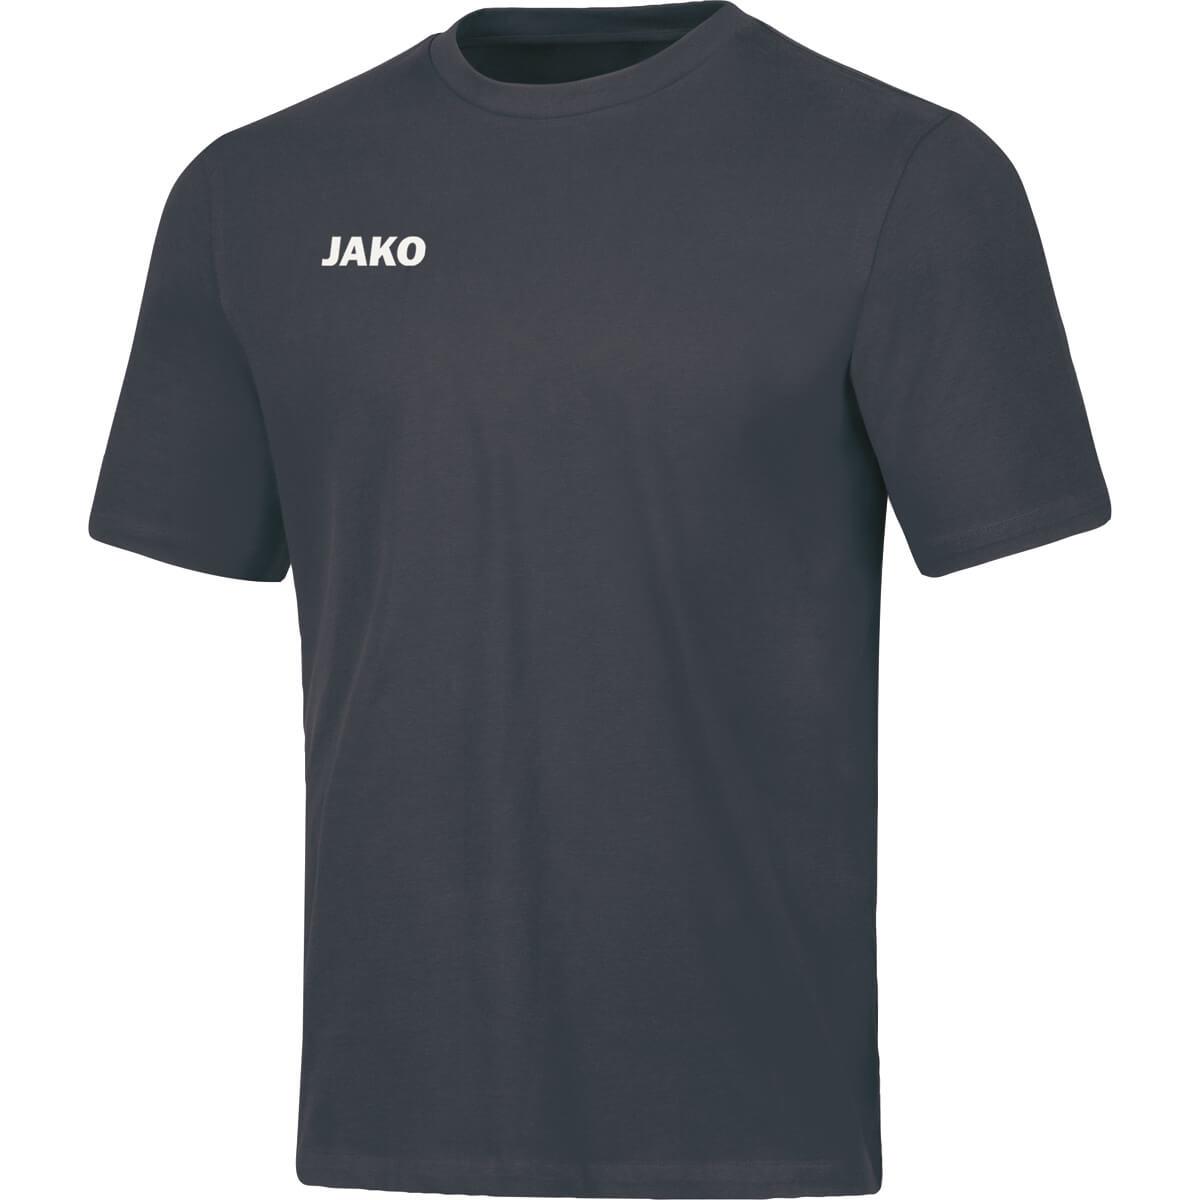 Jako T-Shirt Base Herren 6165  | div. Größen / Farben